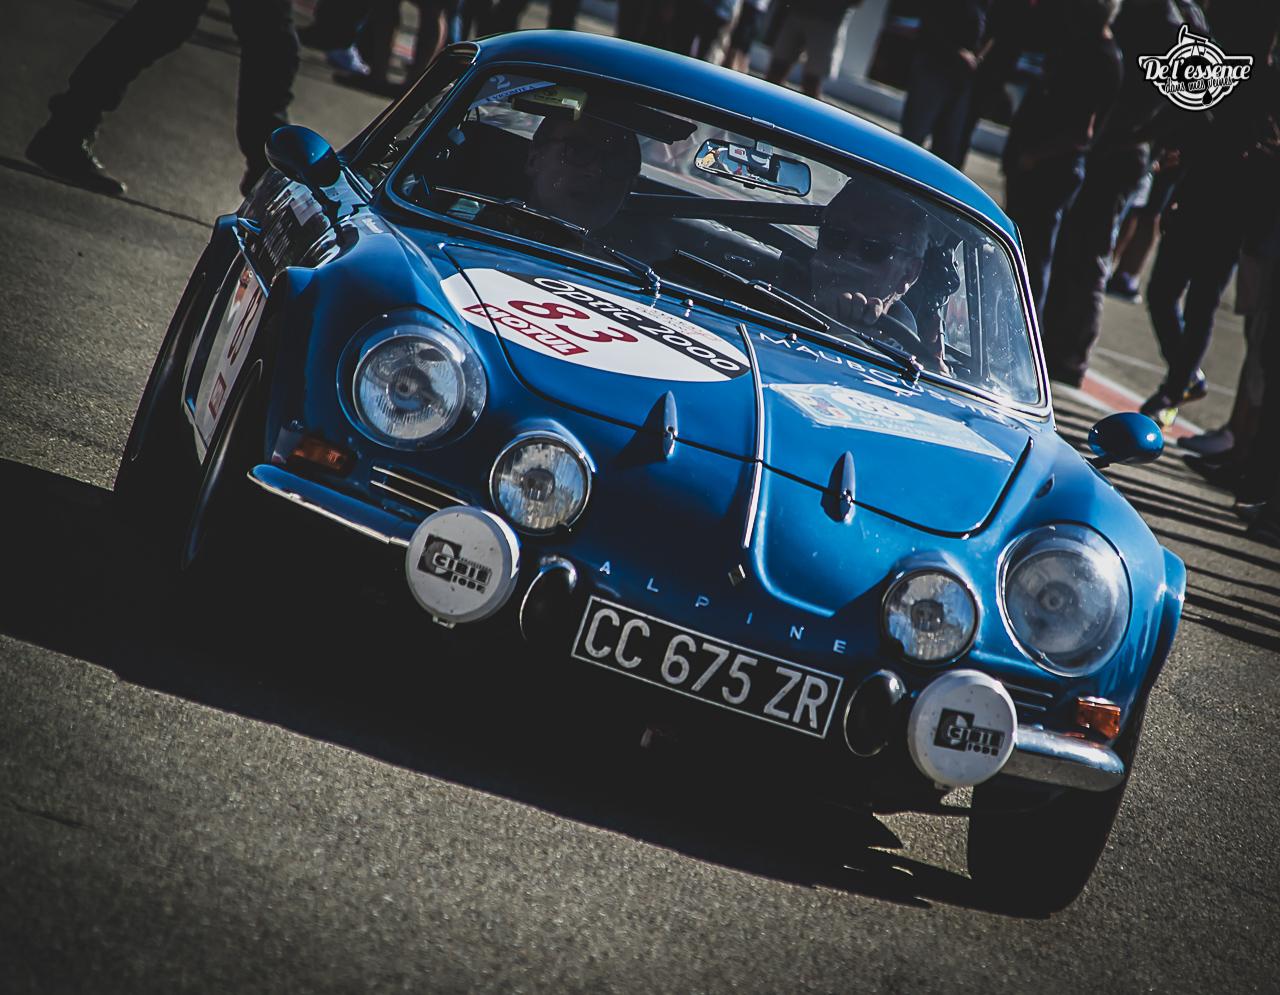 10000 Tours du Castellet + Tour Auto 2020 - Entre les mailles de ce putain de Covid ! 150